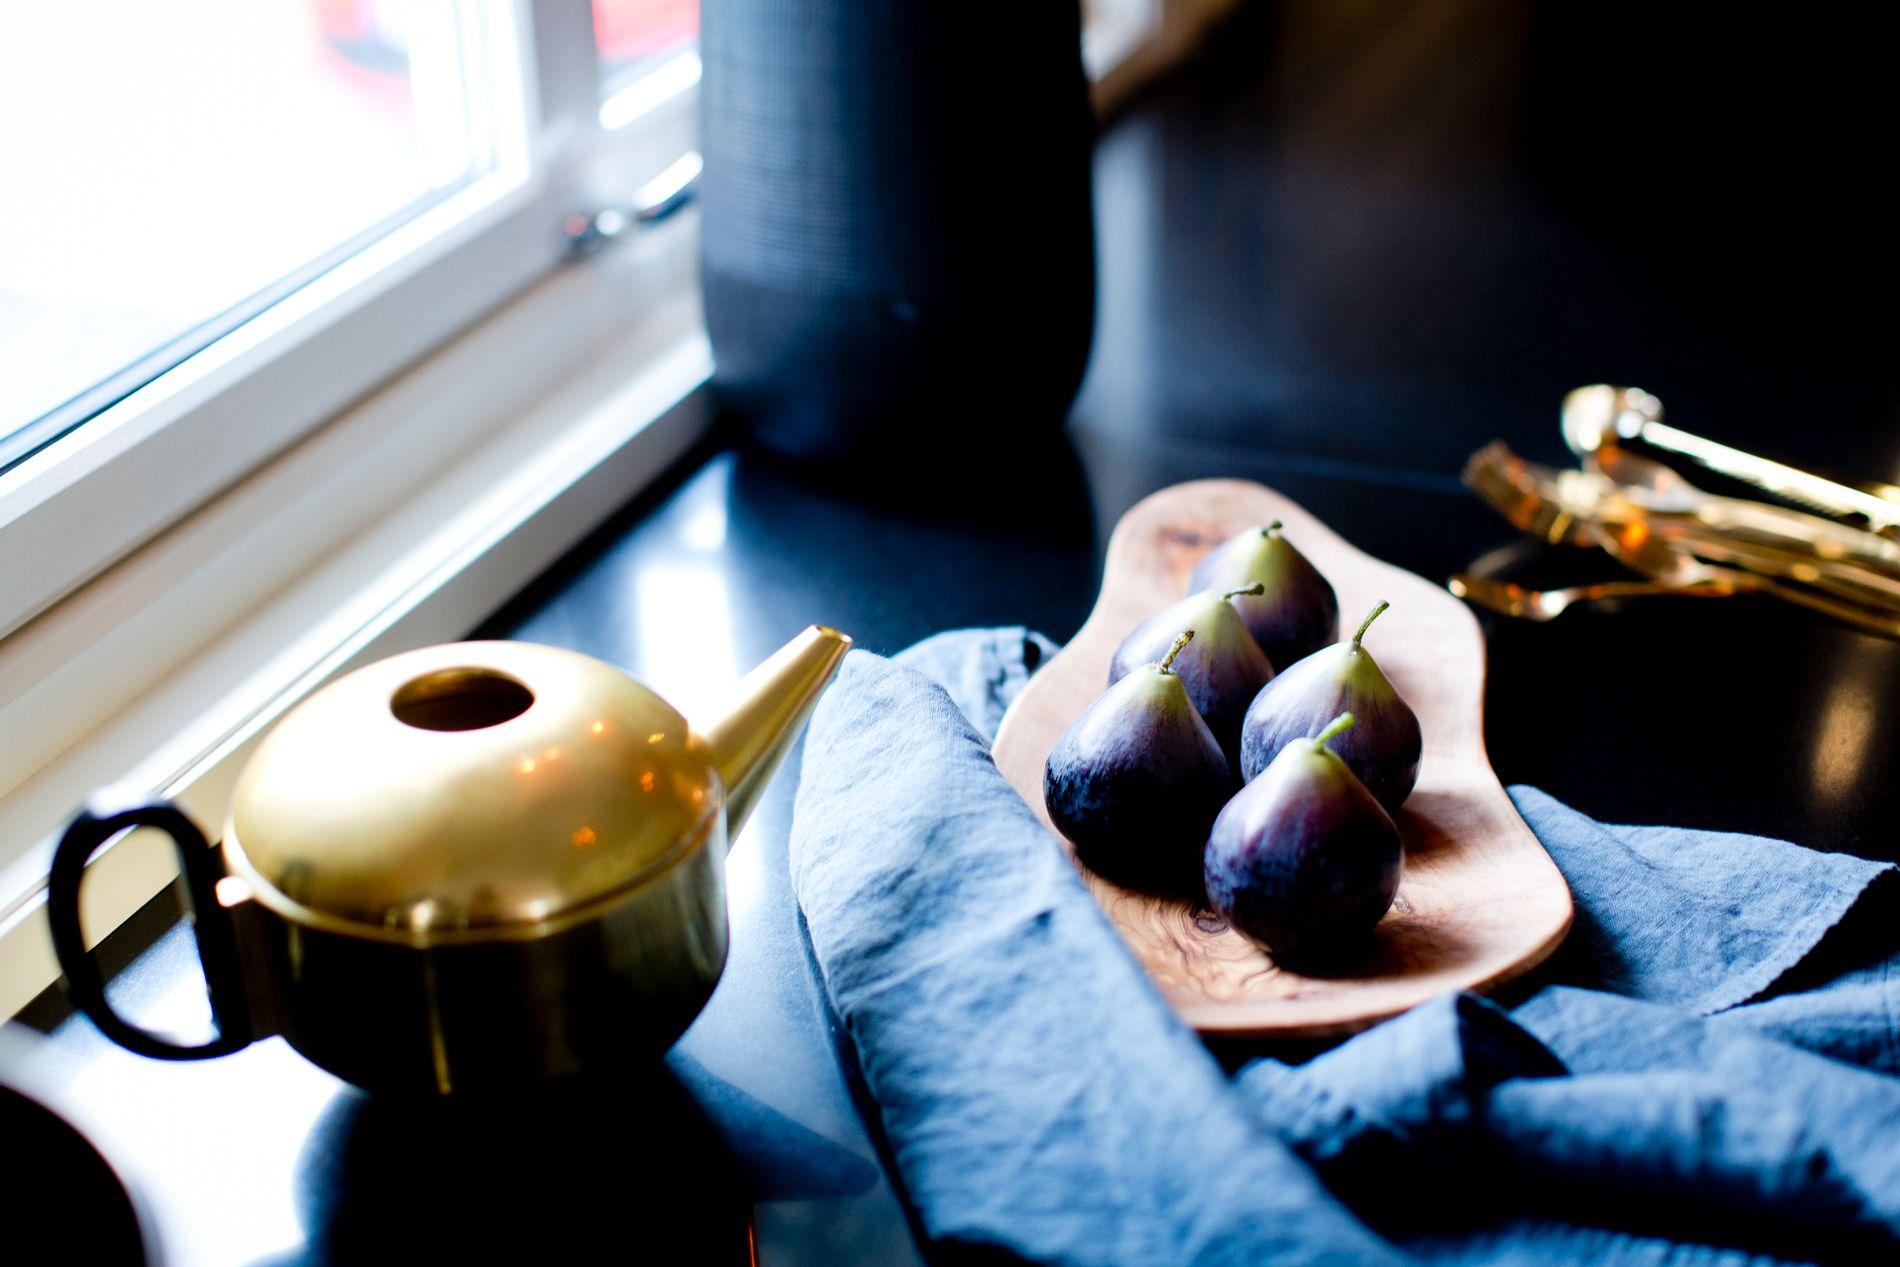 MØRKE FARGER: Nina Oppedal inspireres av dramatiske og mørke farger, men kan ikke ha det helt mørkt hjemme hos seg selv. Hun tar det gjerne igjen i detaljene, som her på kjøkkenbenken hvor svart benkeplate pyntes opp med en svart vase, svart kjøkkenmaskin, et trefat, en messingkanne og messingbestikk.